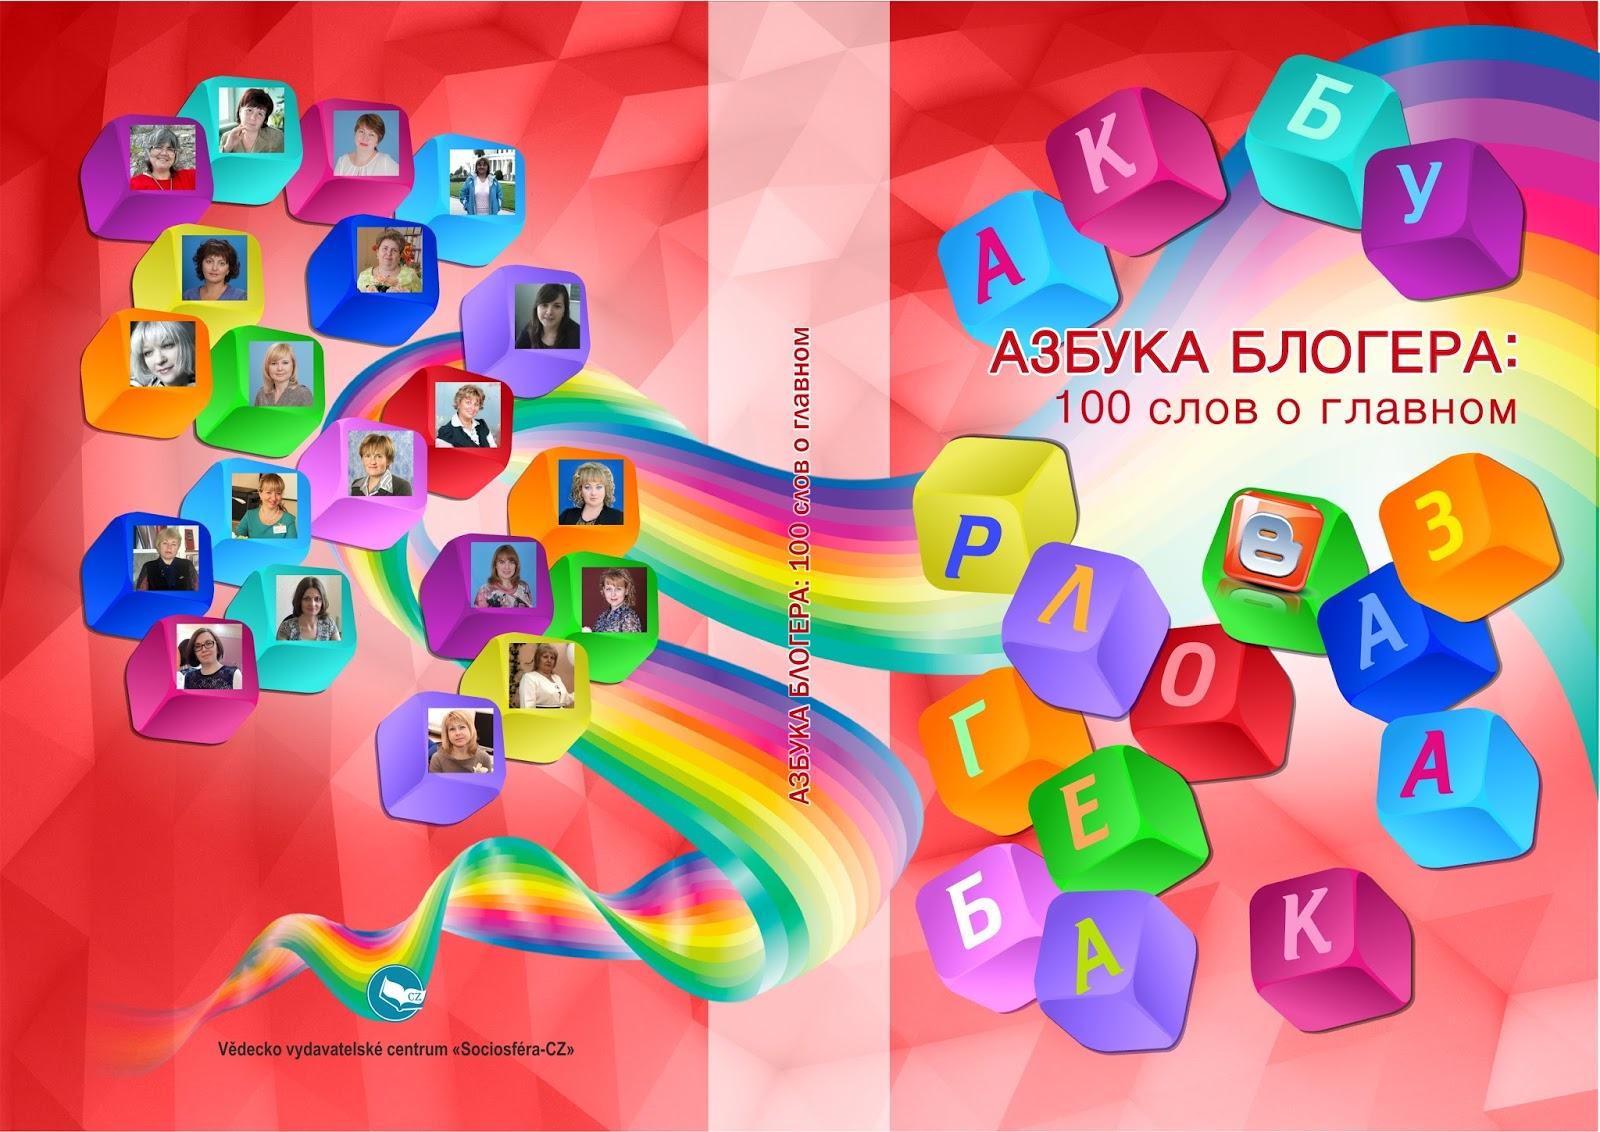 Азбука блогера